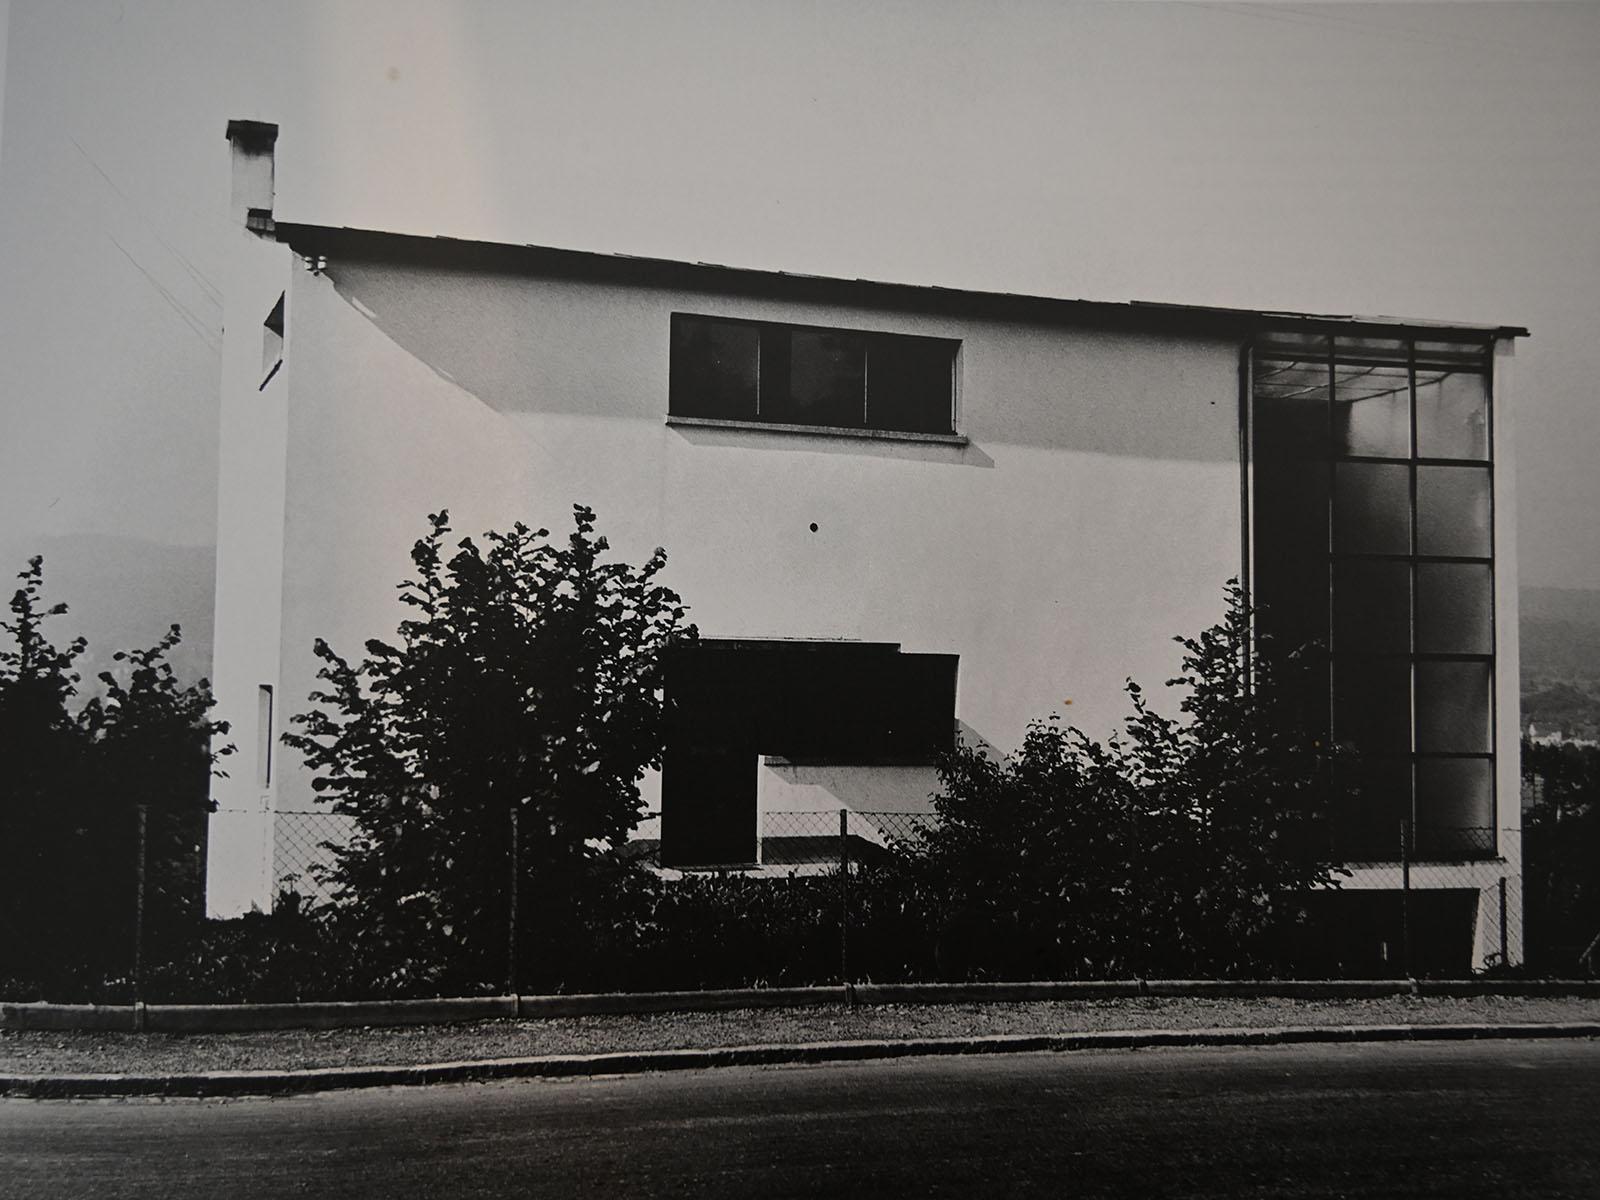 Ansicht auf die Nordfassade des Wohn- und Atelierhauses von der Limmattalstrasse im Jahr 1936/37